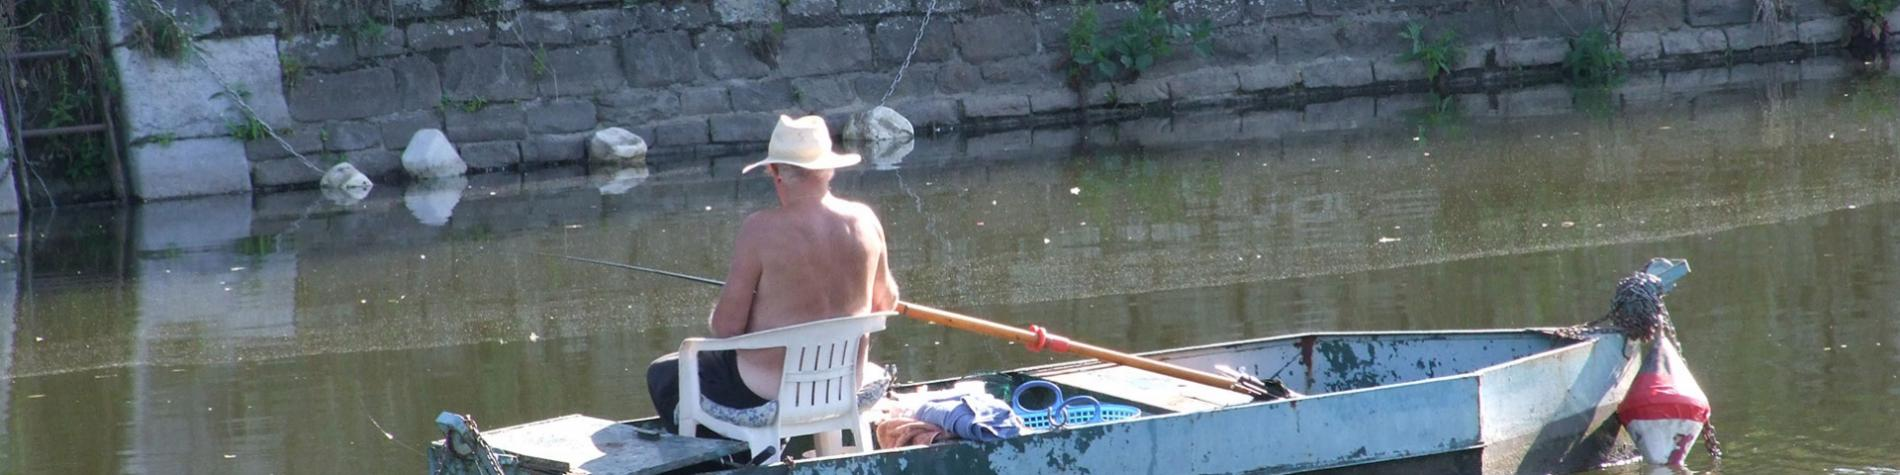 Amblève - Ourthe - pêcher - pêche - pêcheur